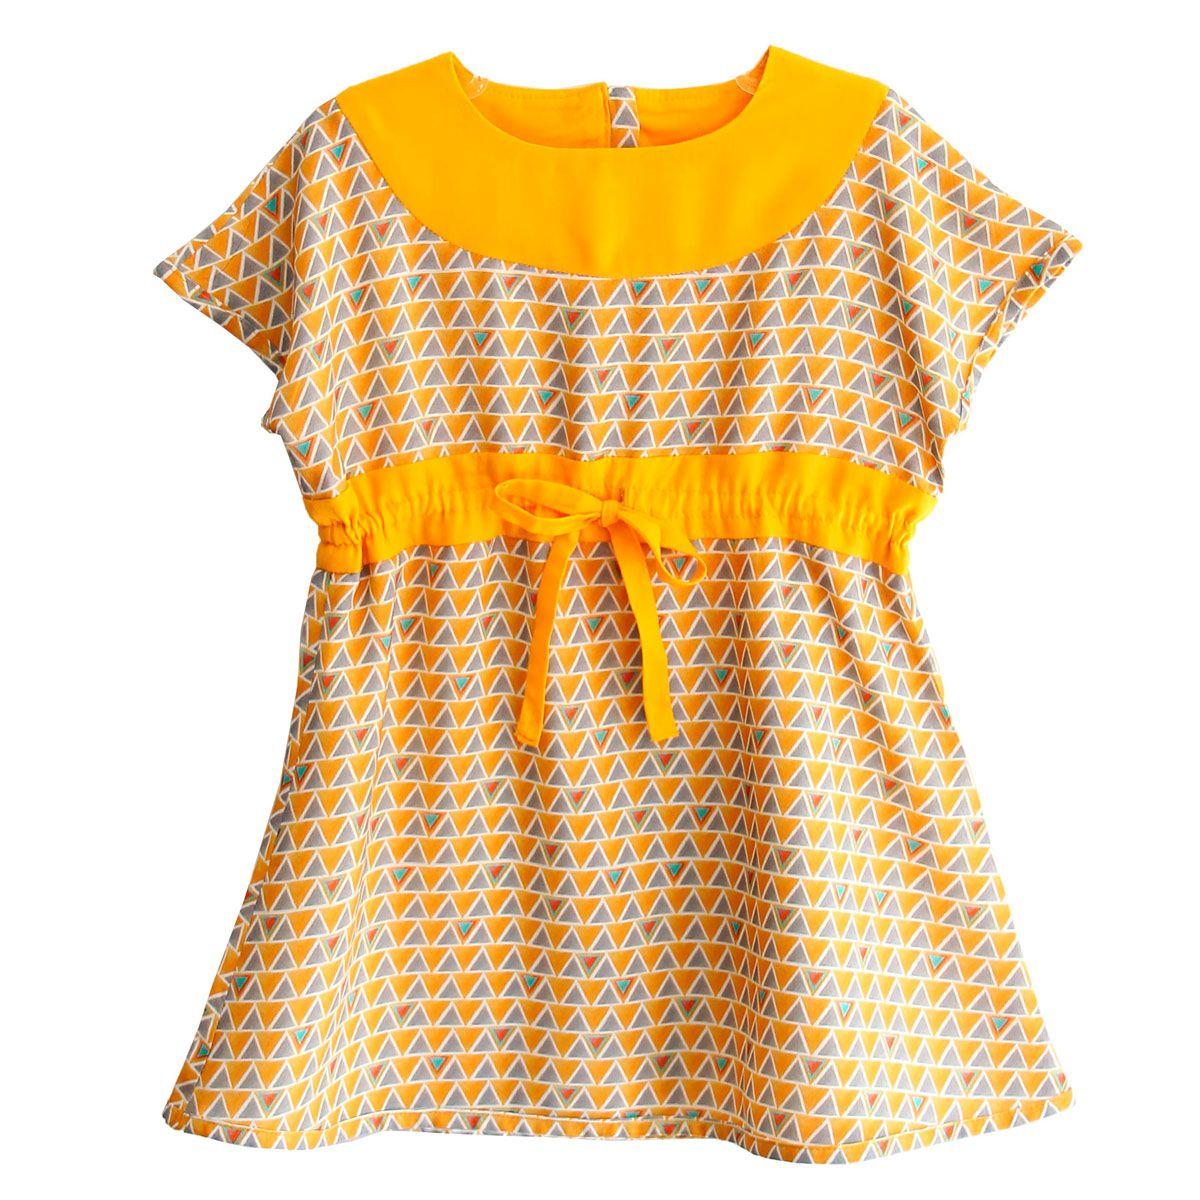 Vestido infantil geométrico amarelo